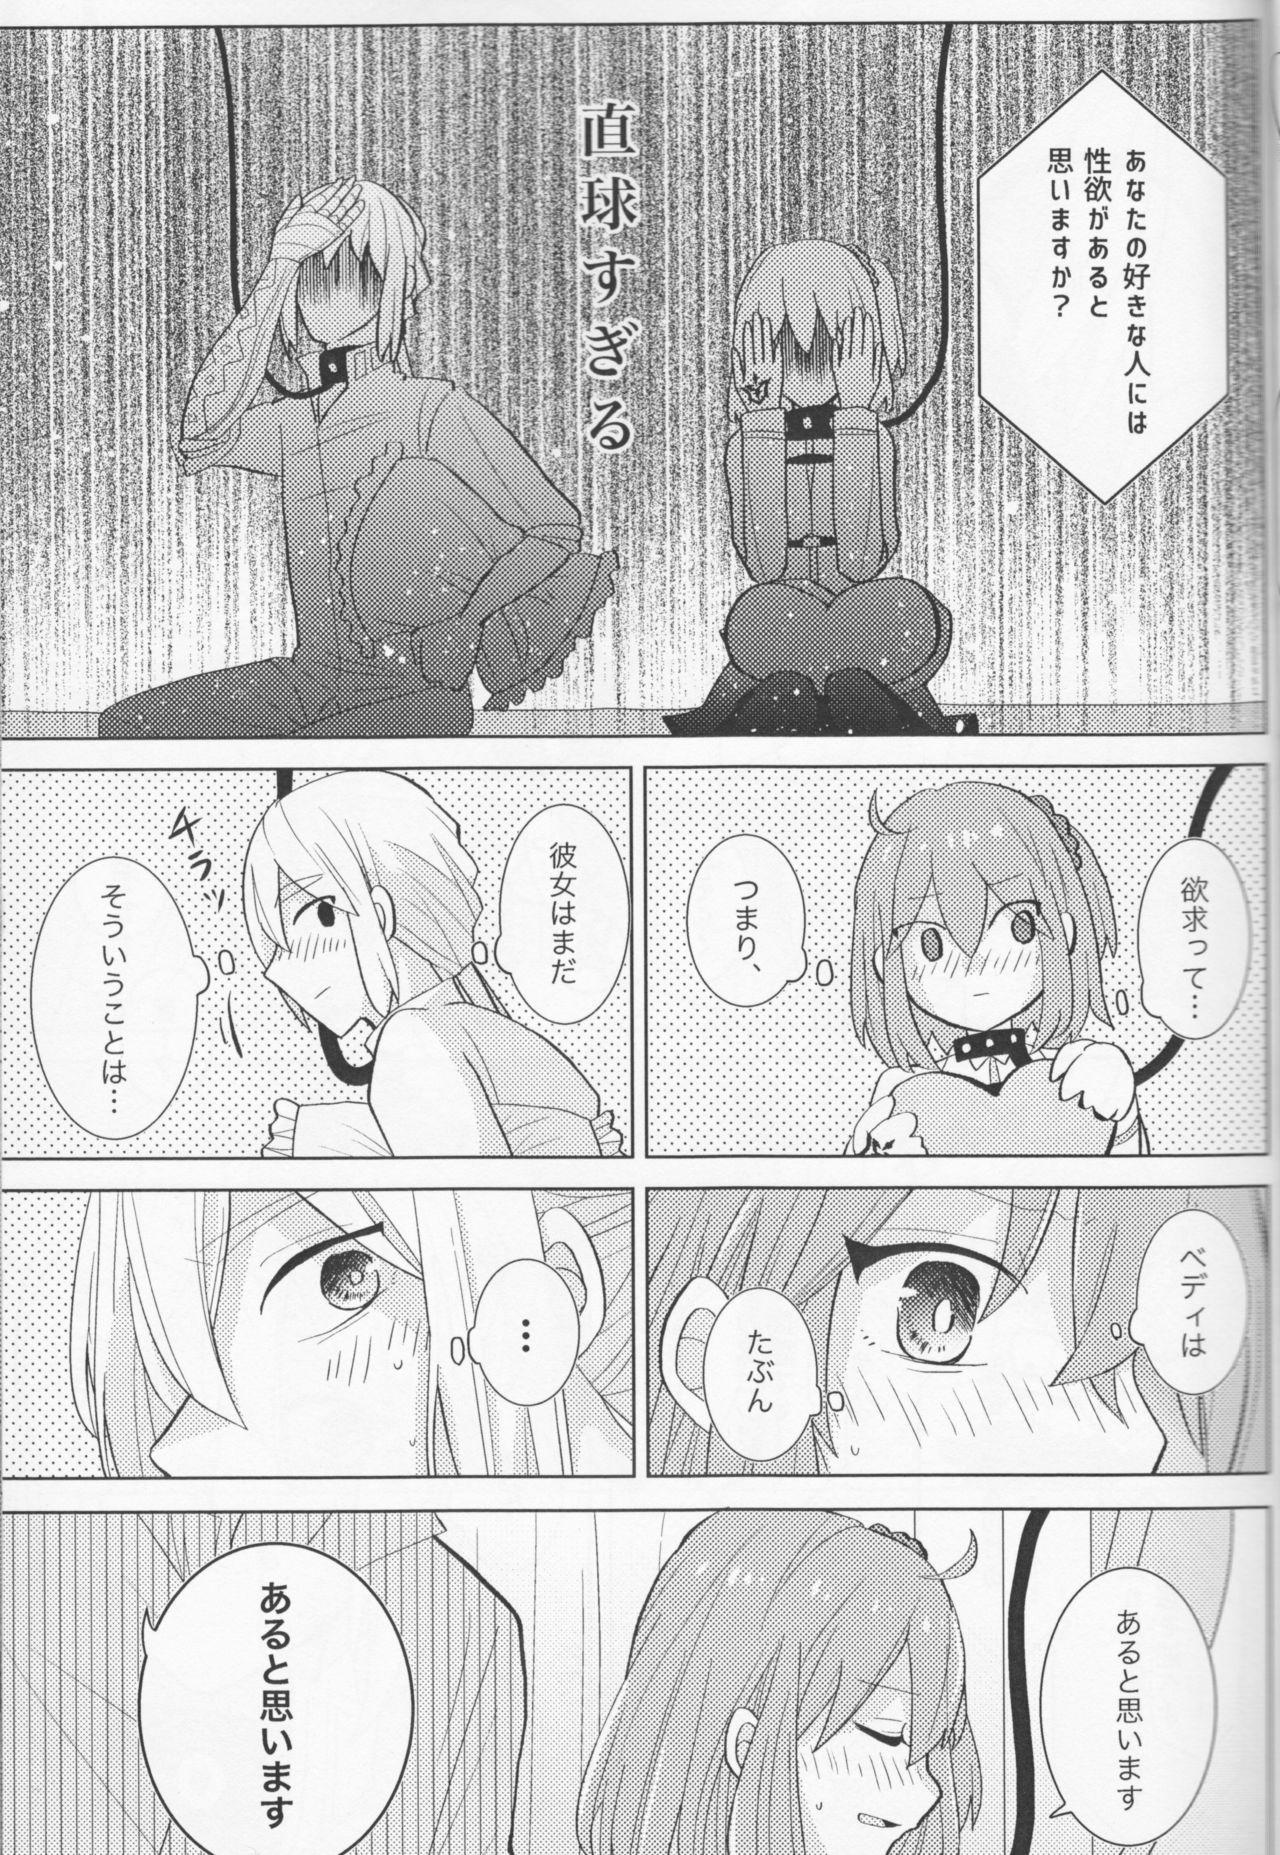 Kirakira Koboreru, Kimi to no Waidan 20